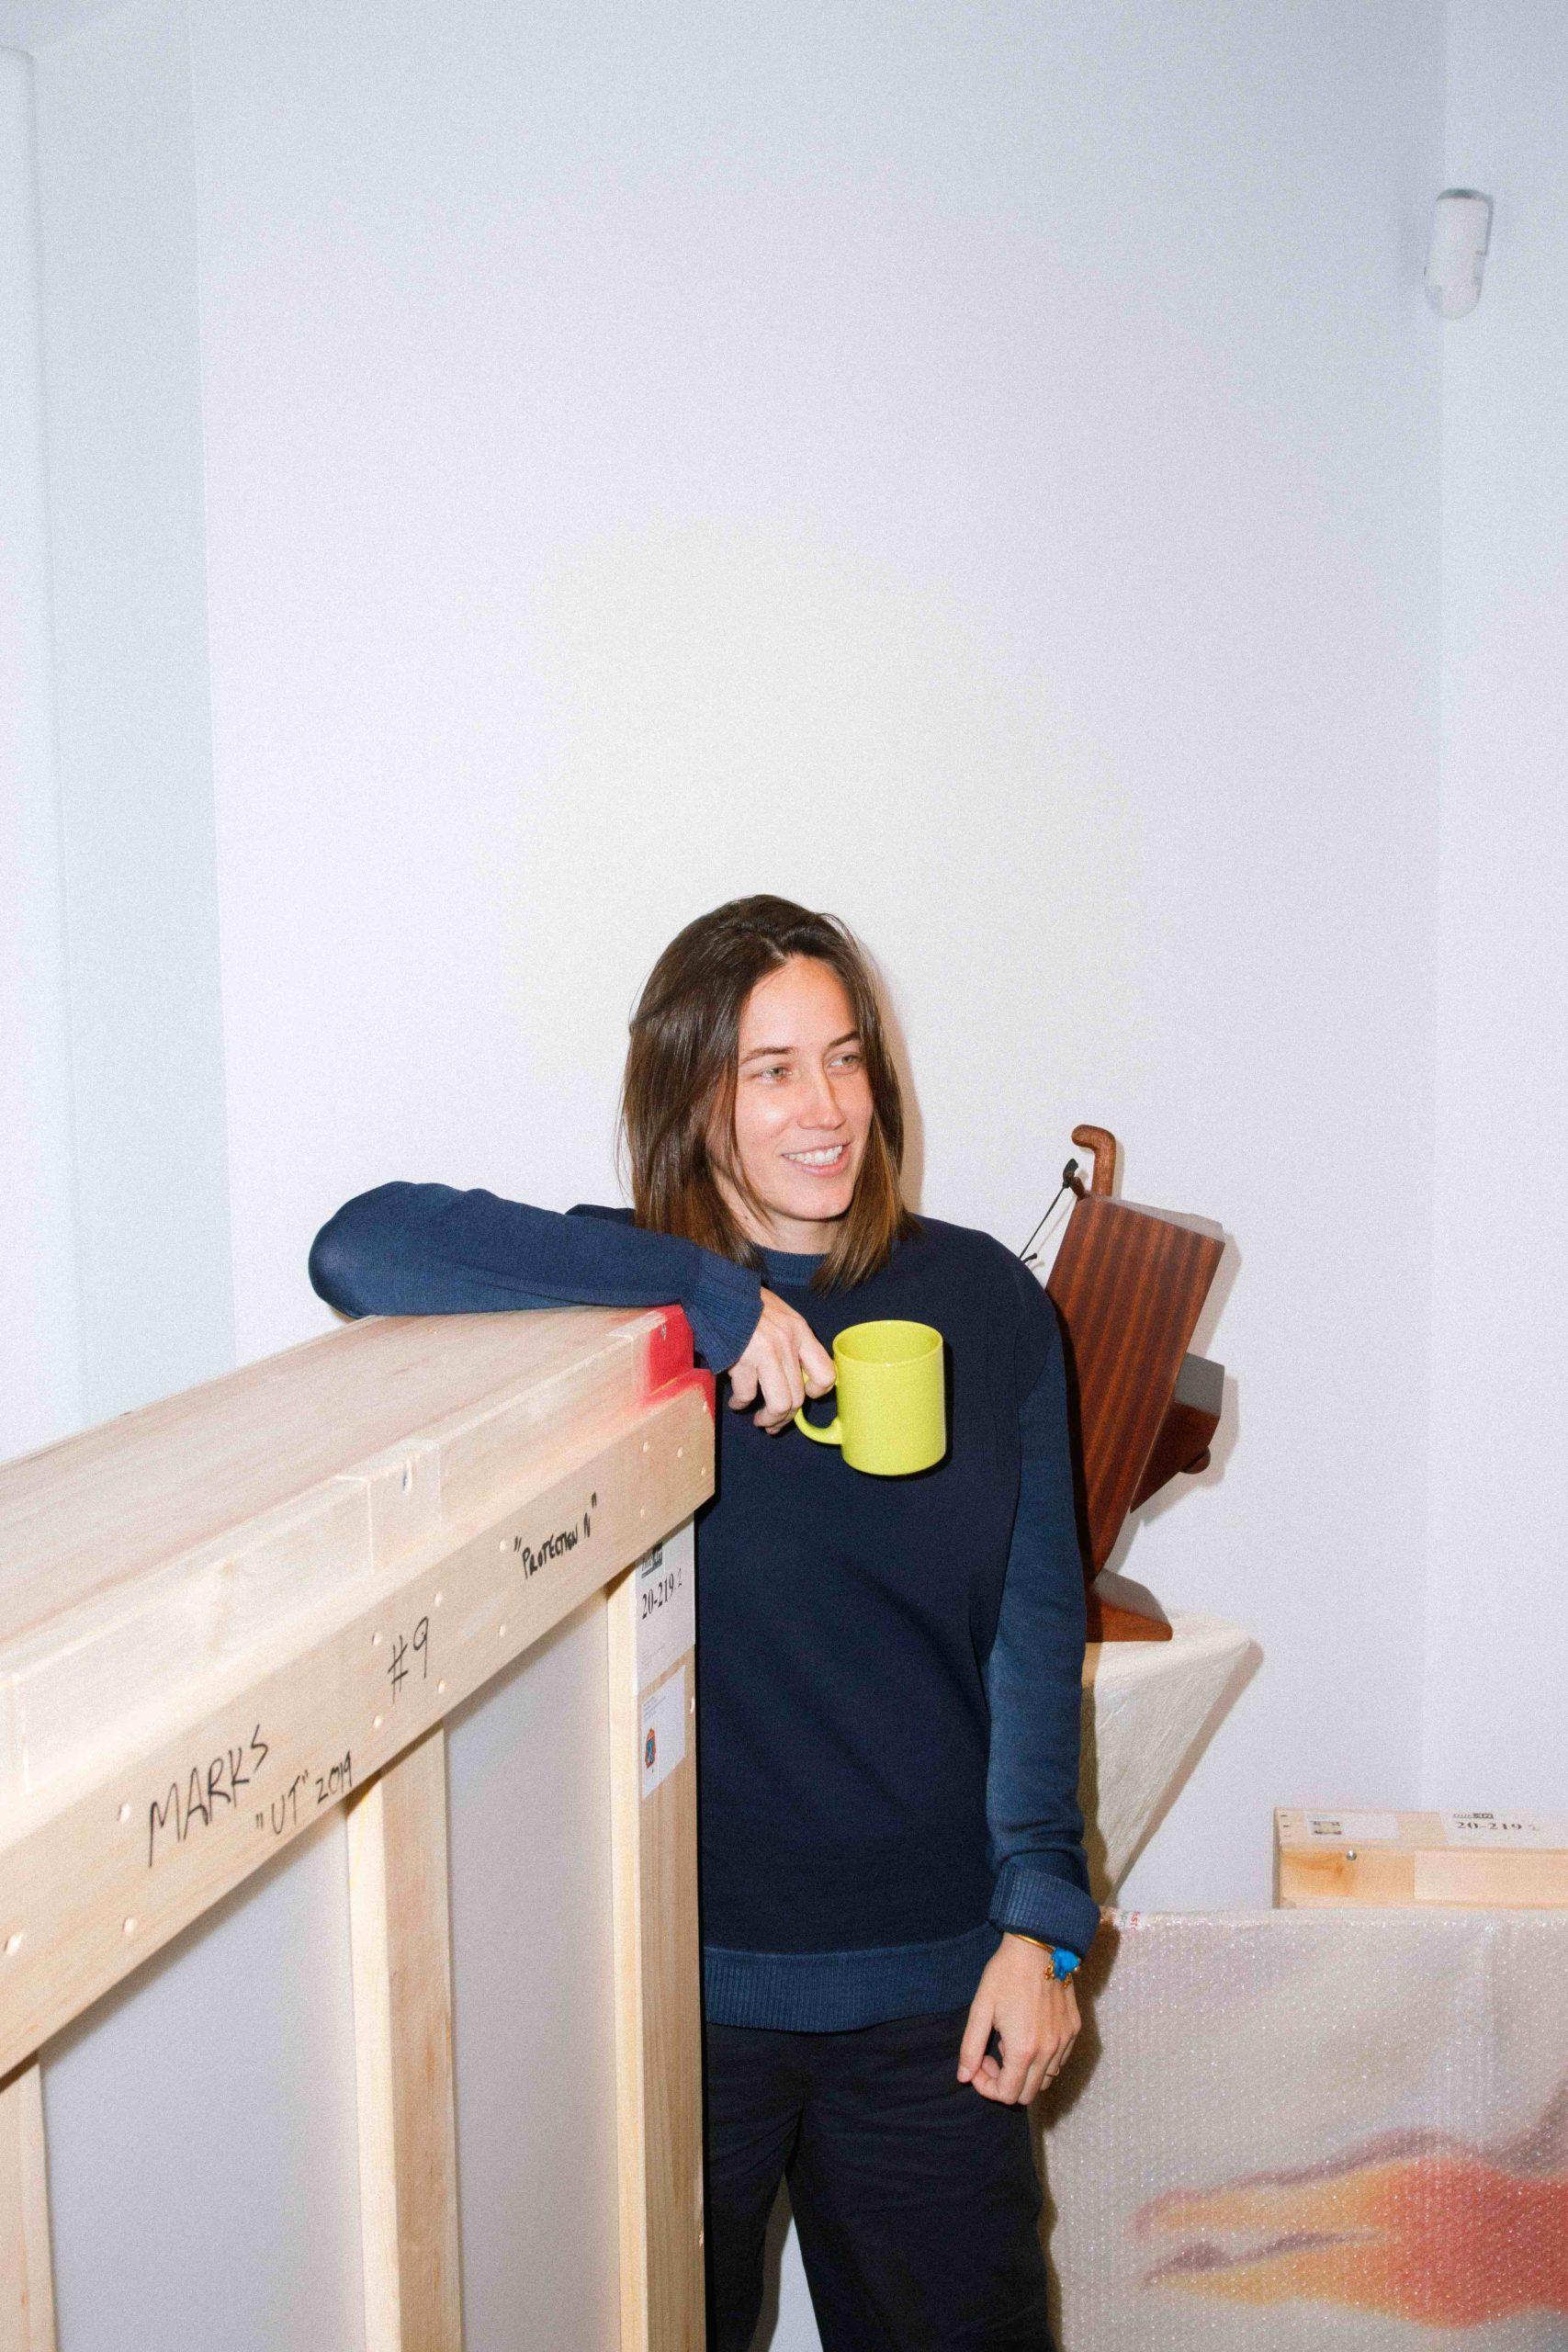 Vanity Fair: 'Valeria Aresti, de Matemática a Galerista: Hablamos con el Nuevo Rostro del Arte en Madrid'